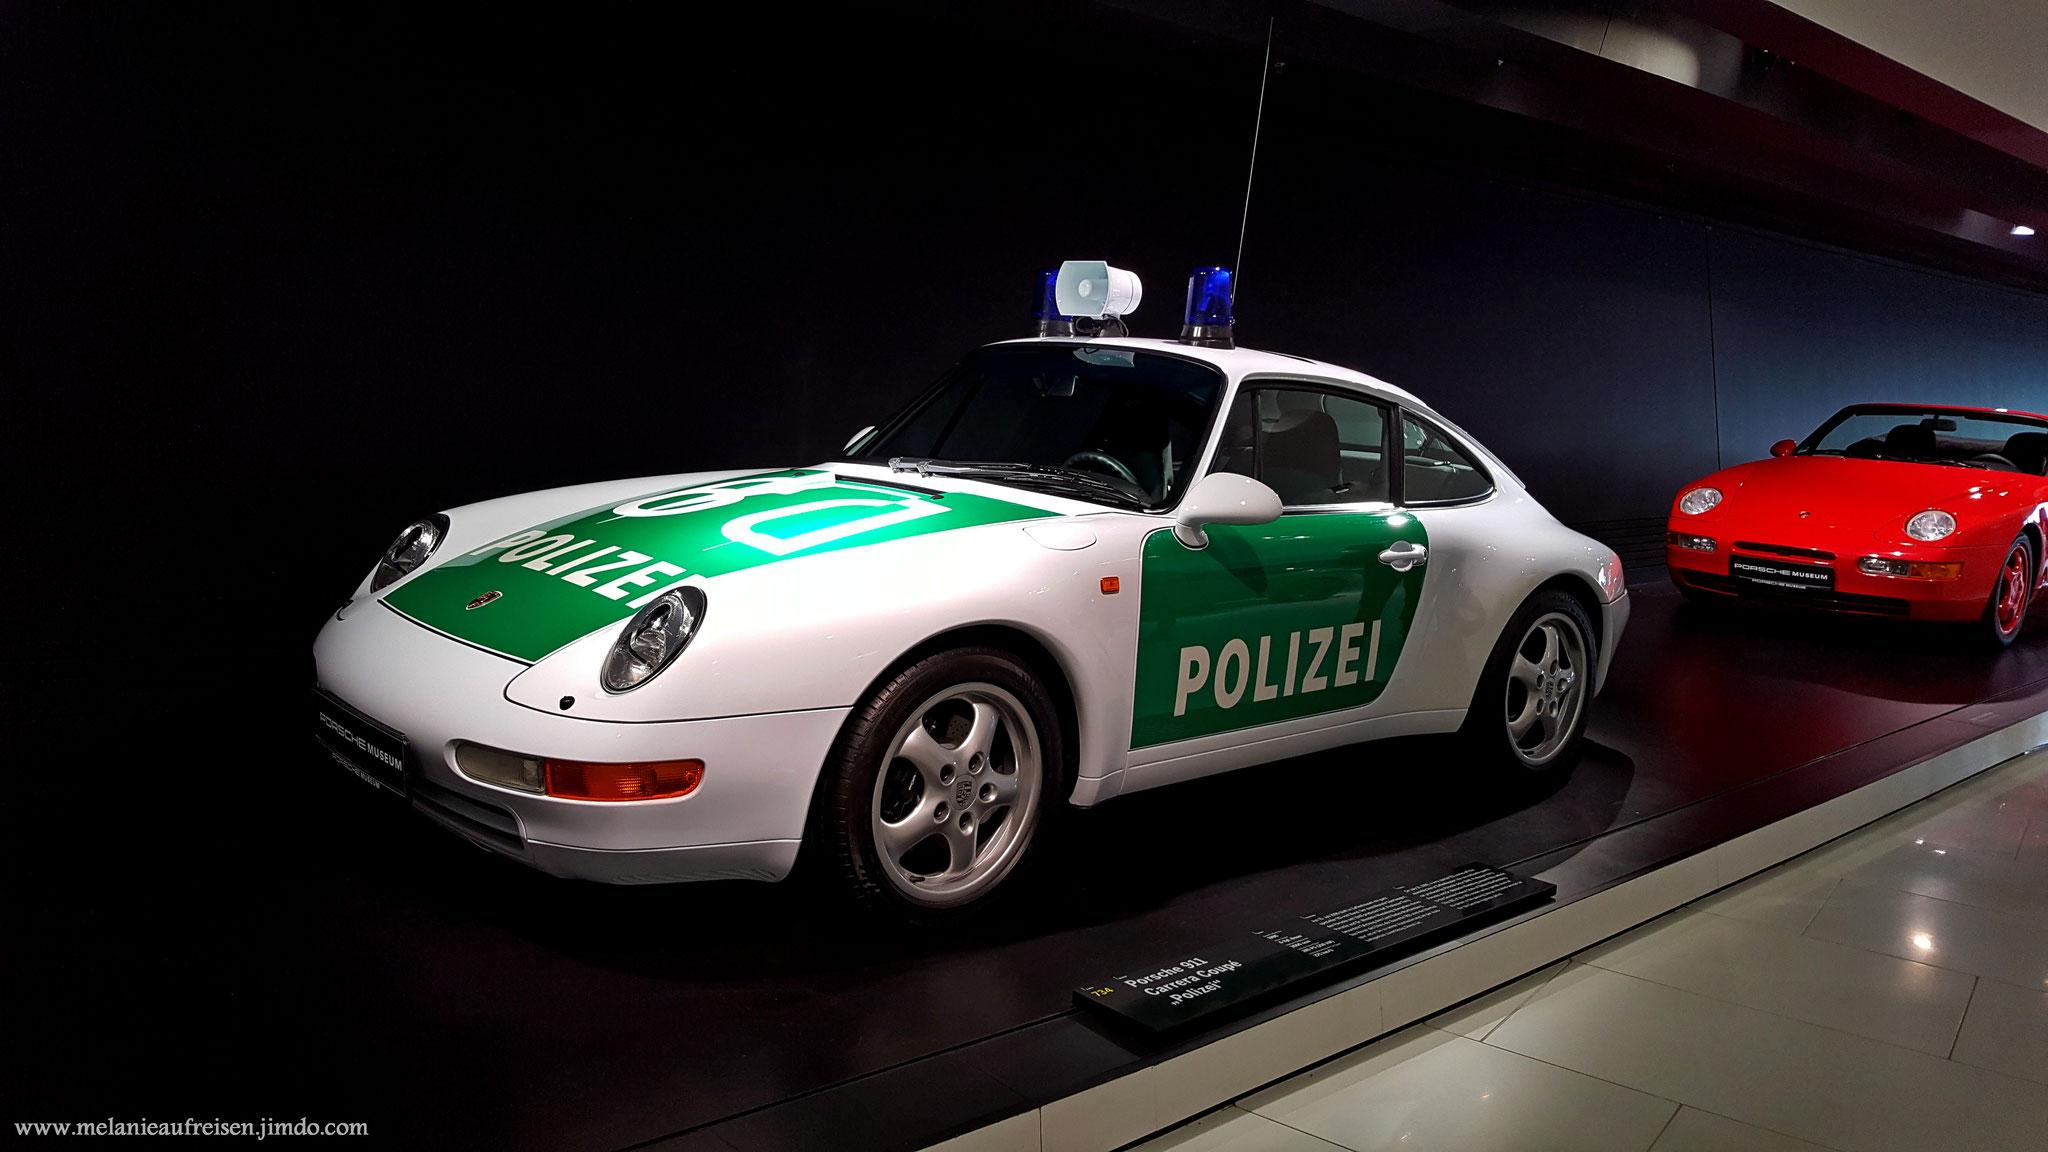 Dieser Wagen war sogar im echten Einsatz bei der Stuttgarter Polizei